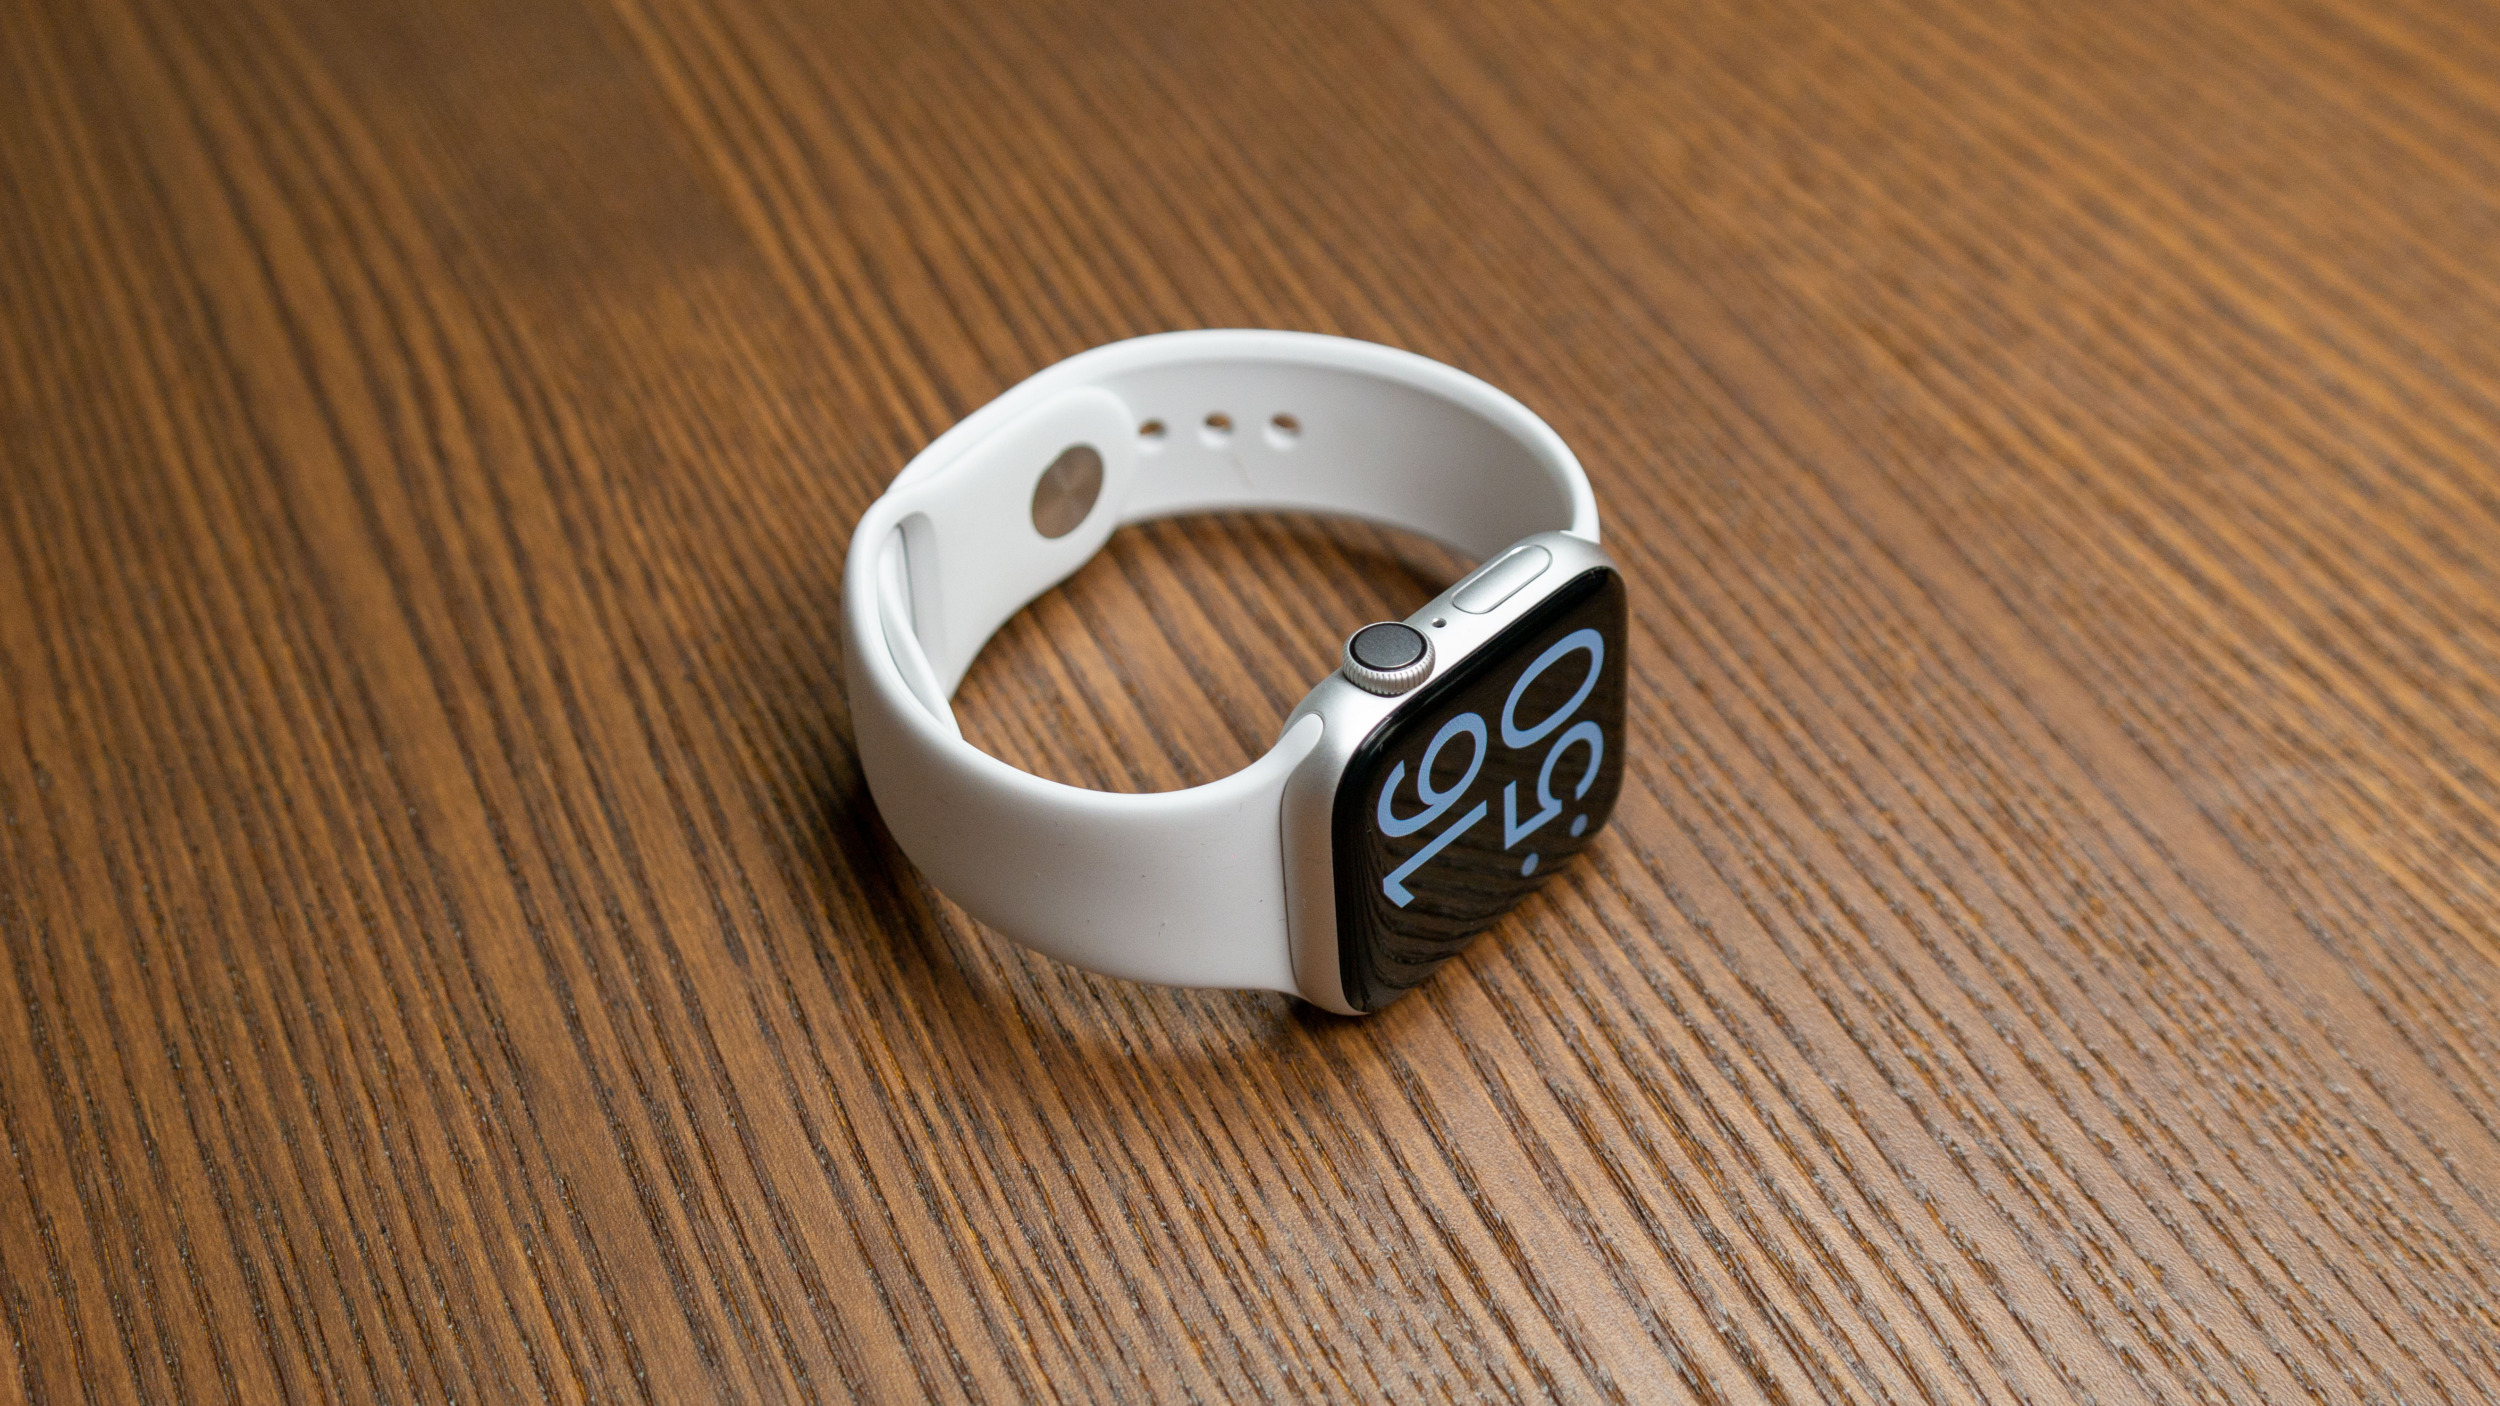 Apple Watch brzy dosáhnou 100milionového milníku